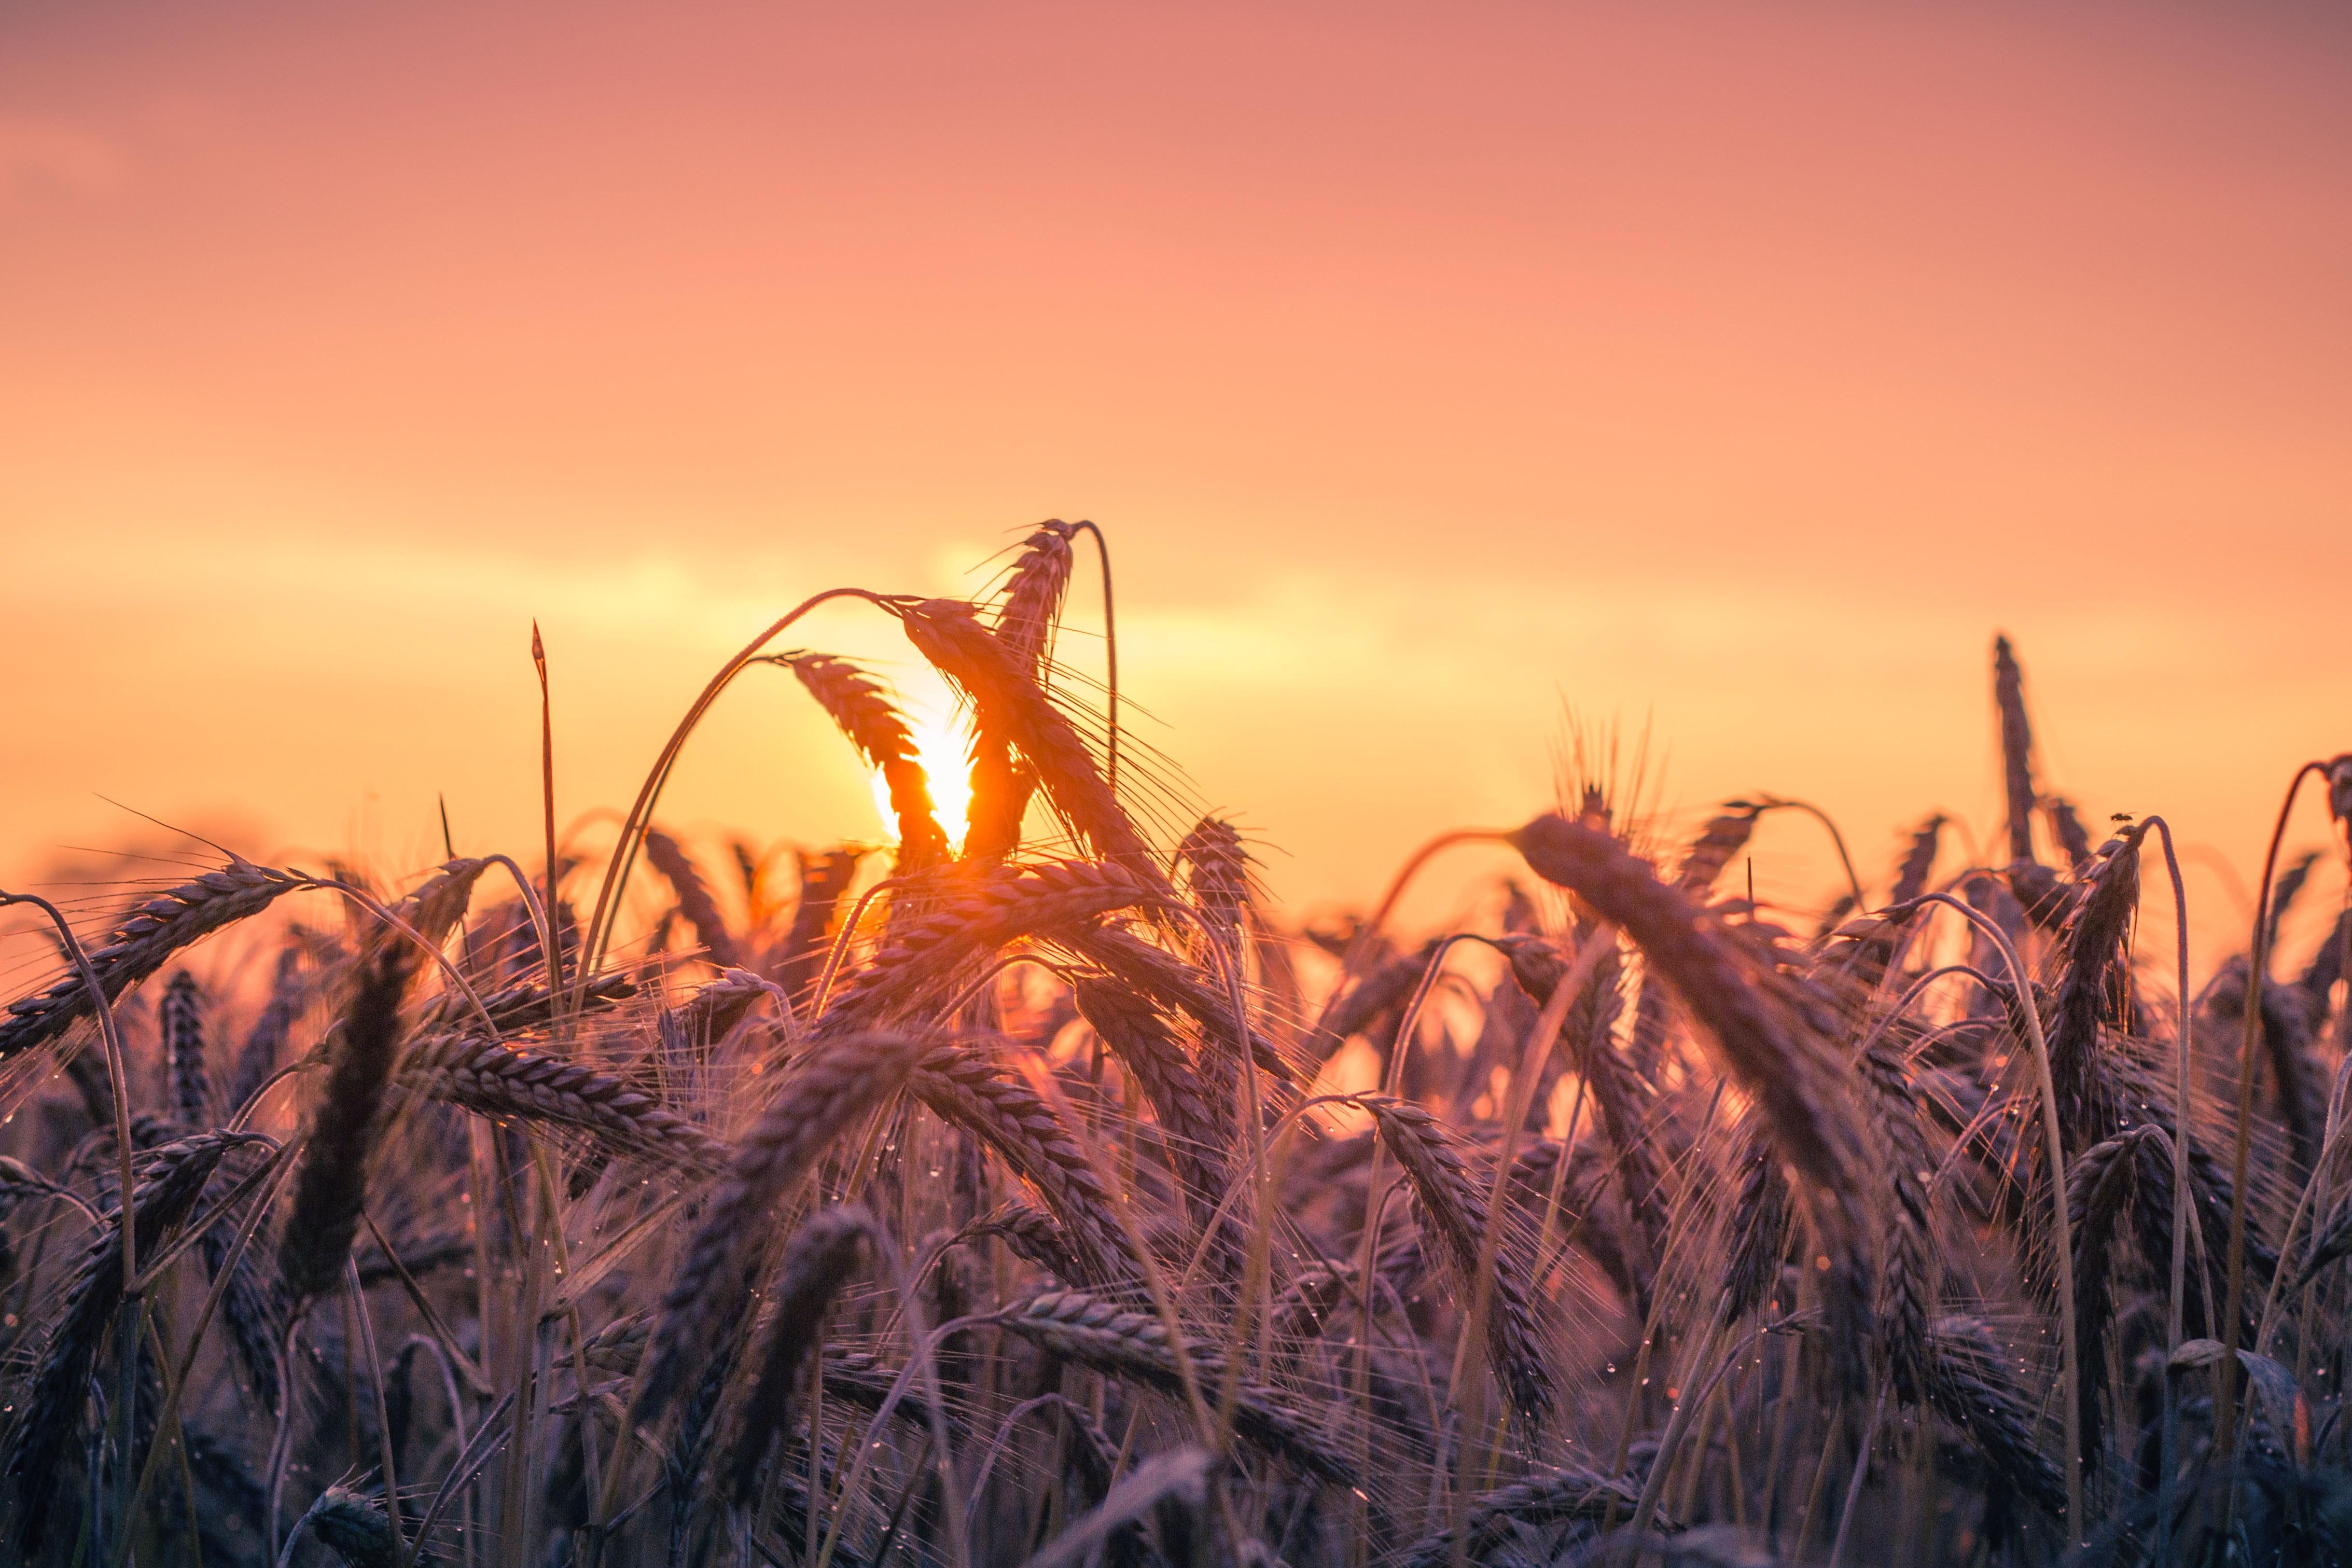 abendstimmung-agriculture-back-light-cereal-533982